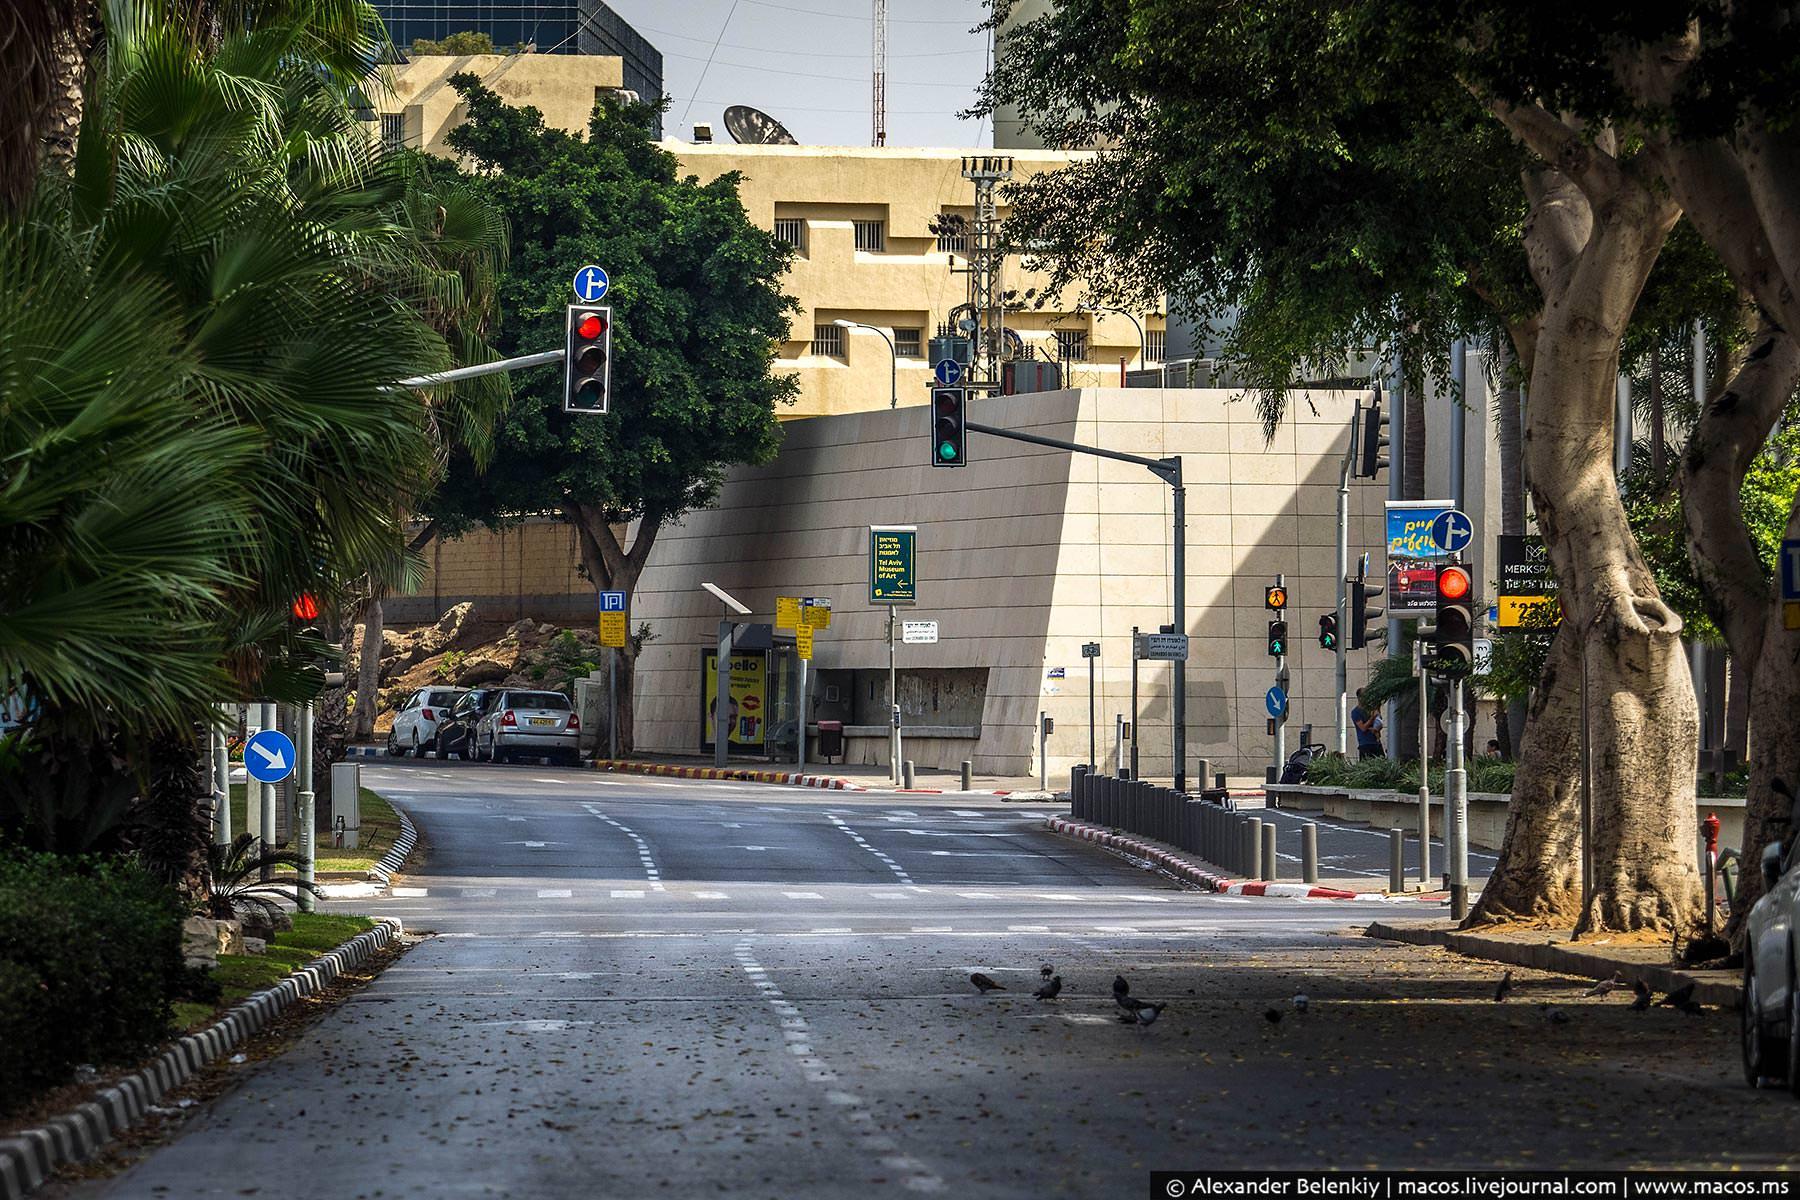 Светофоры работают, голуби срут на асфальт… Люди, вы где?